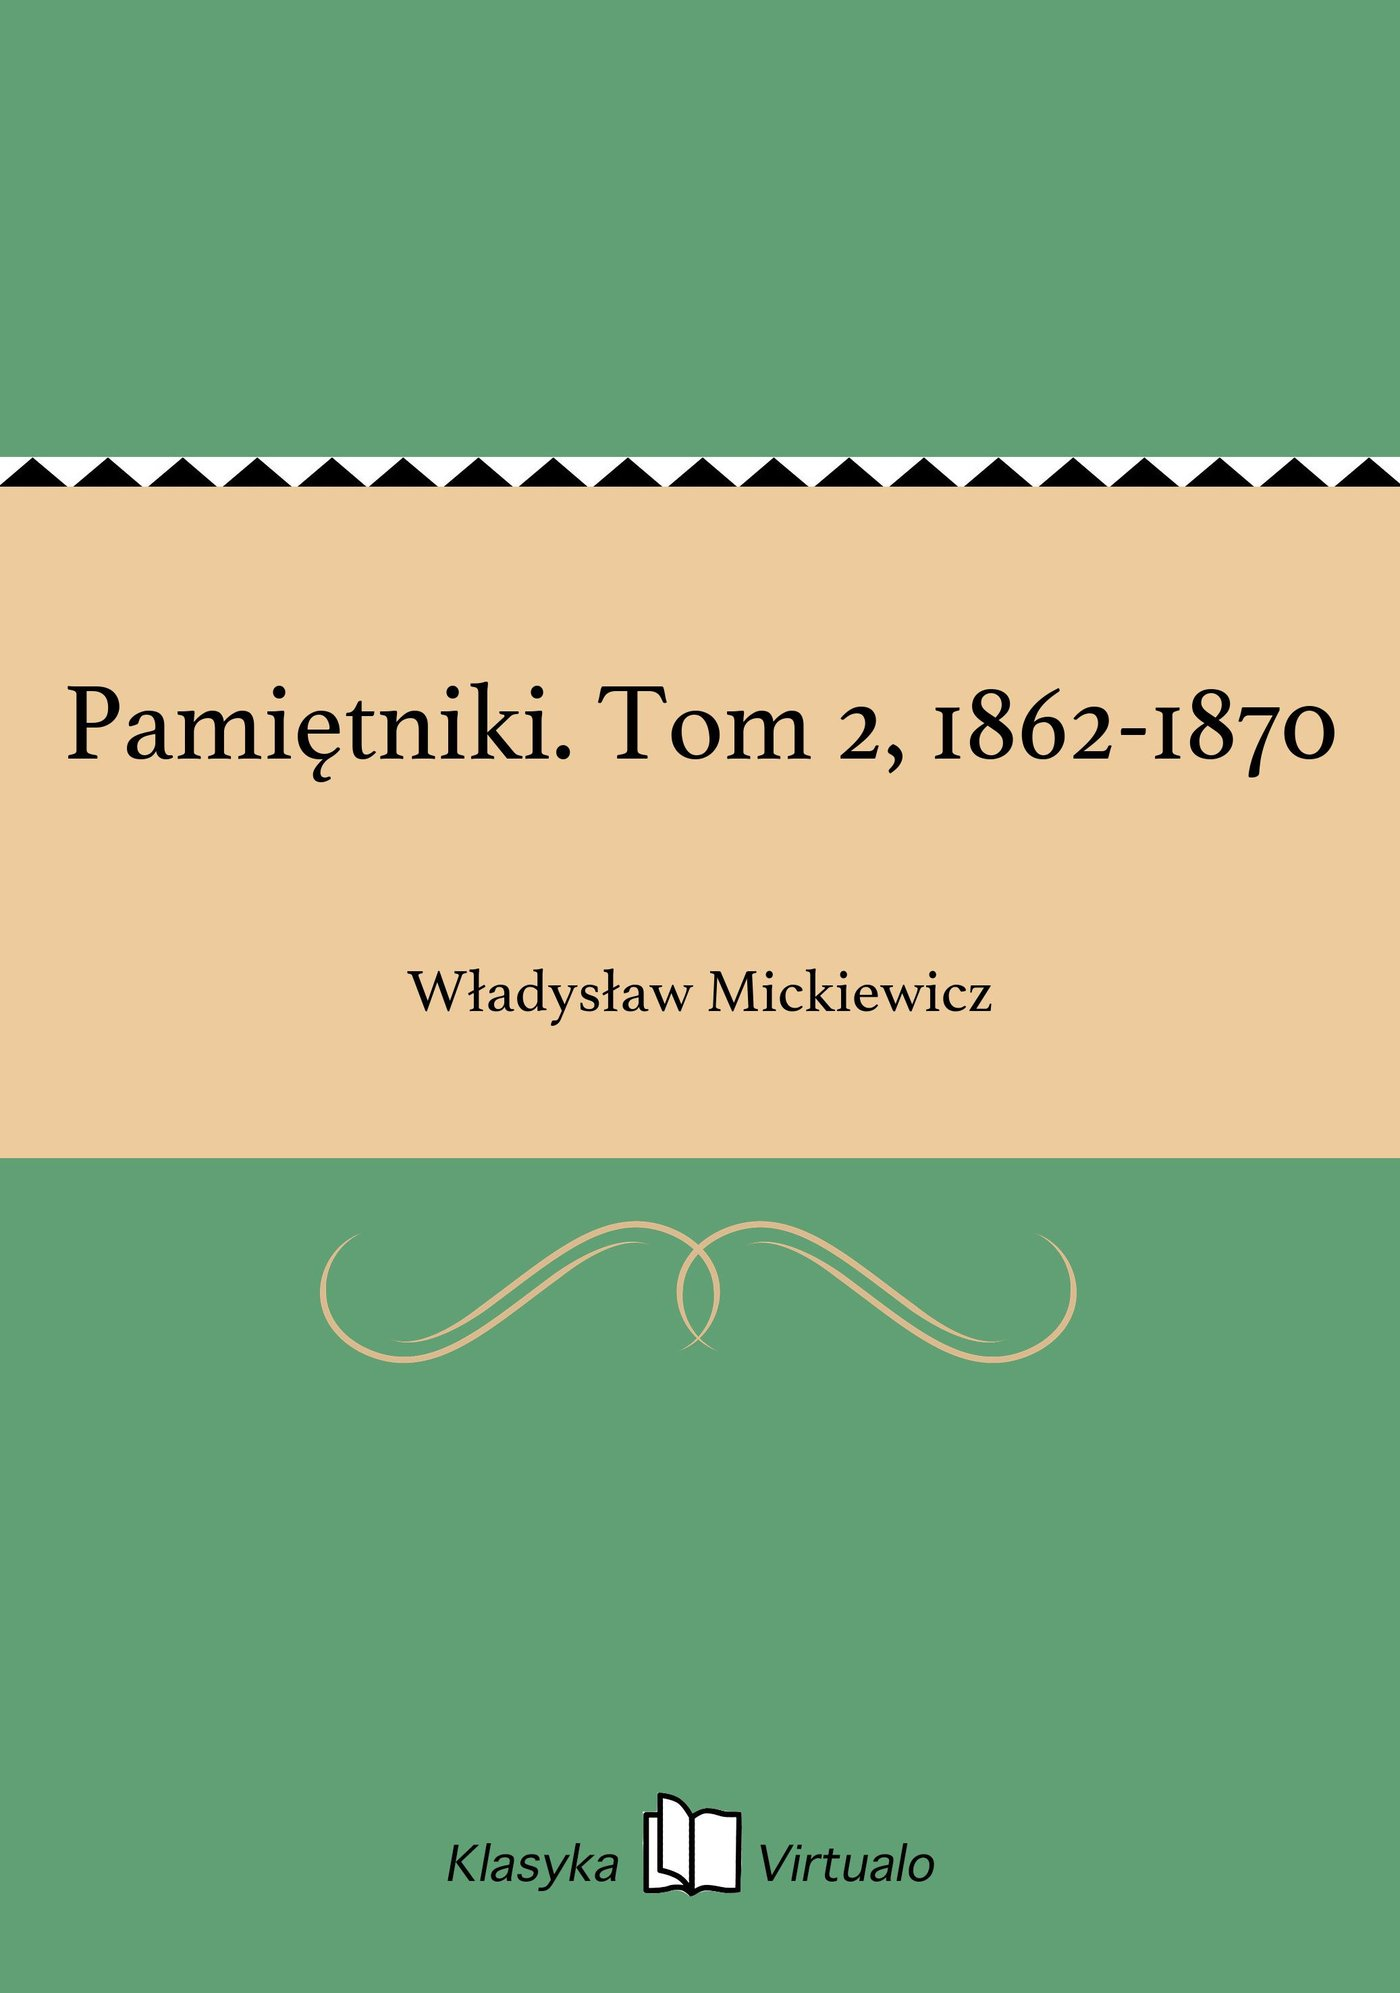 Pamiętniki. Tom 2, 1862-1870 - Ebook (Książka EPUB) do pobrania w formacie EPUB